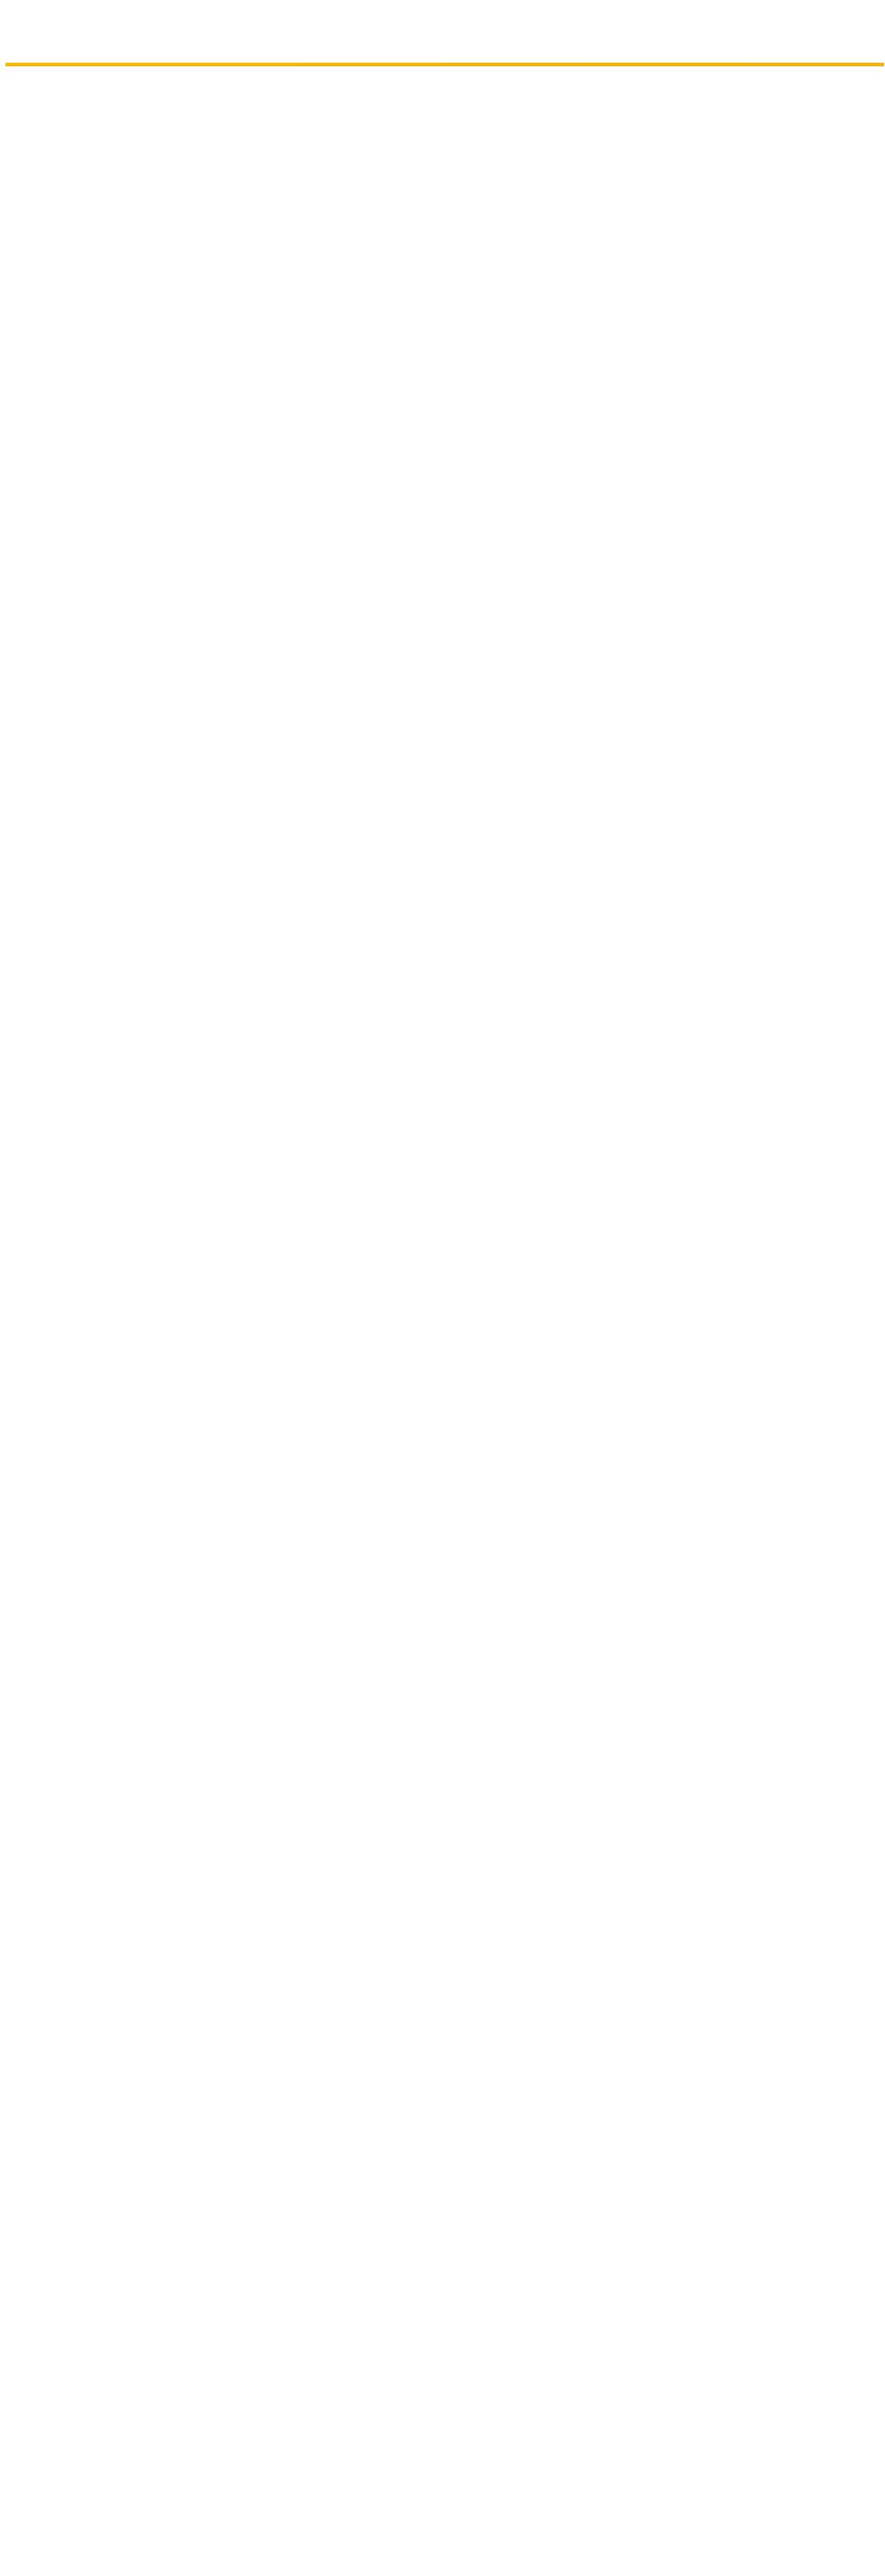 詳細市街地図収録エリア